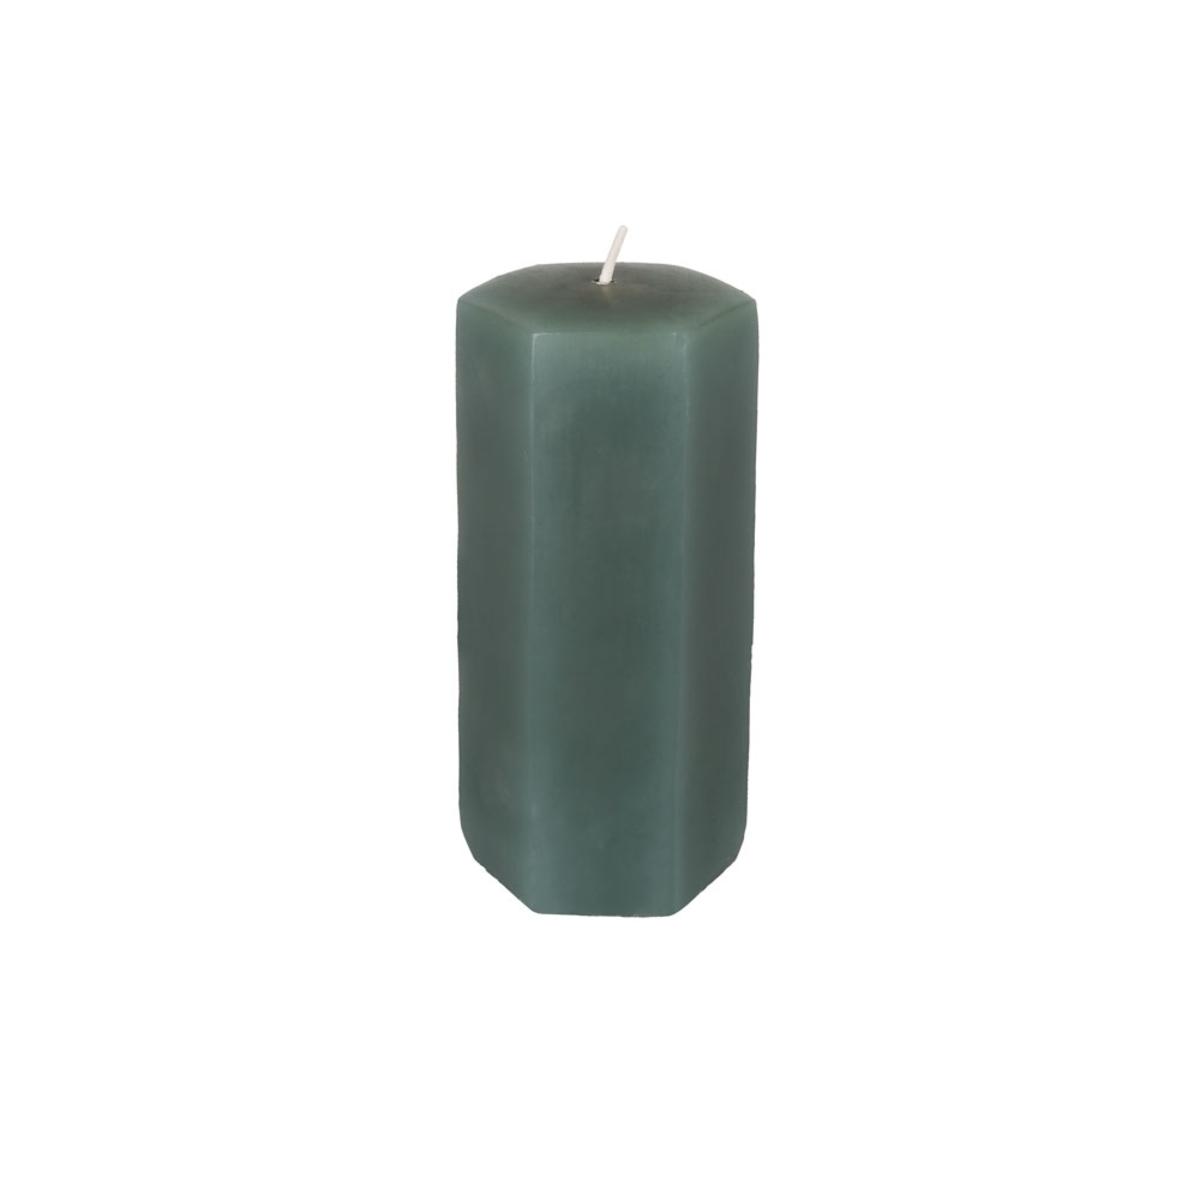 Bild 4 von Kerze, Hexagon, grün, 5,5 x 11,5 cm, S